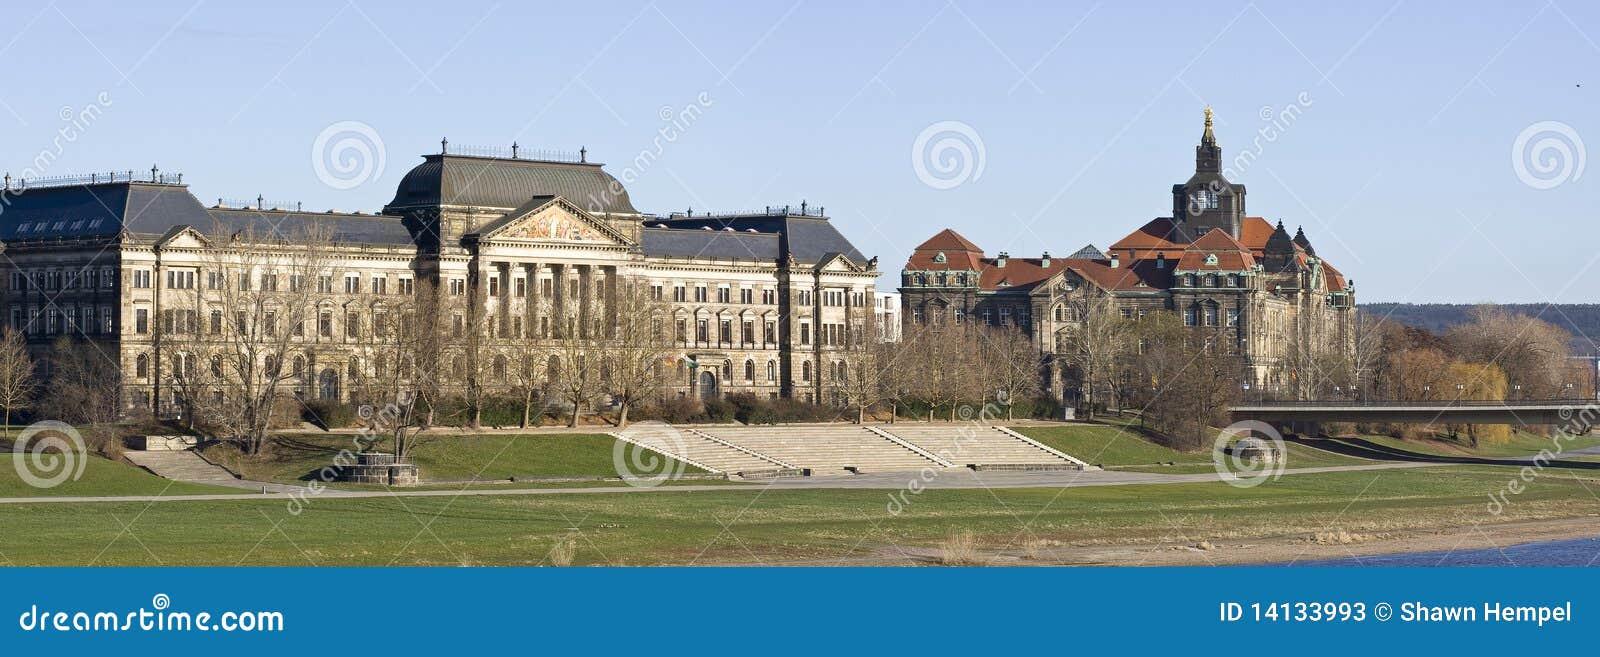 Het parlement van saksen stock foto 39 s afbeelding 14133993 - Het upgraden van m ...